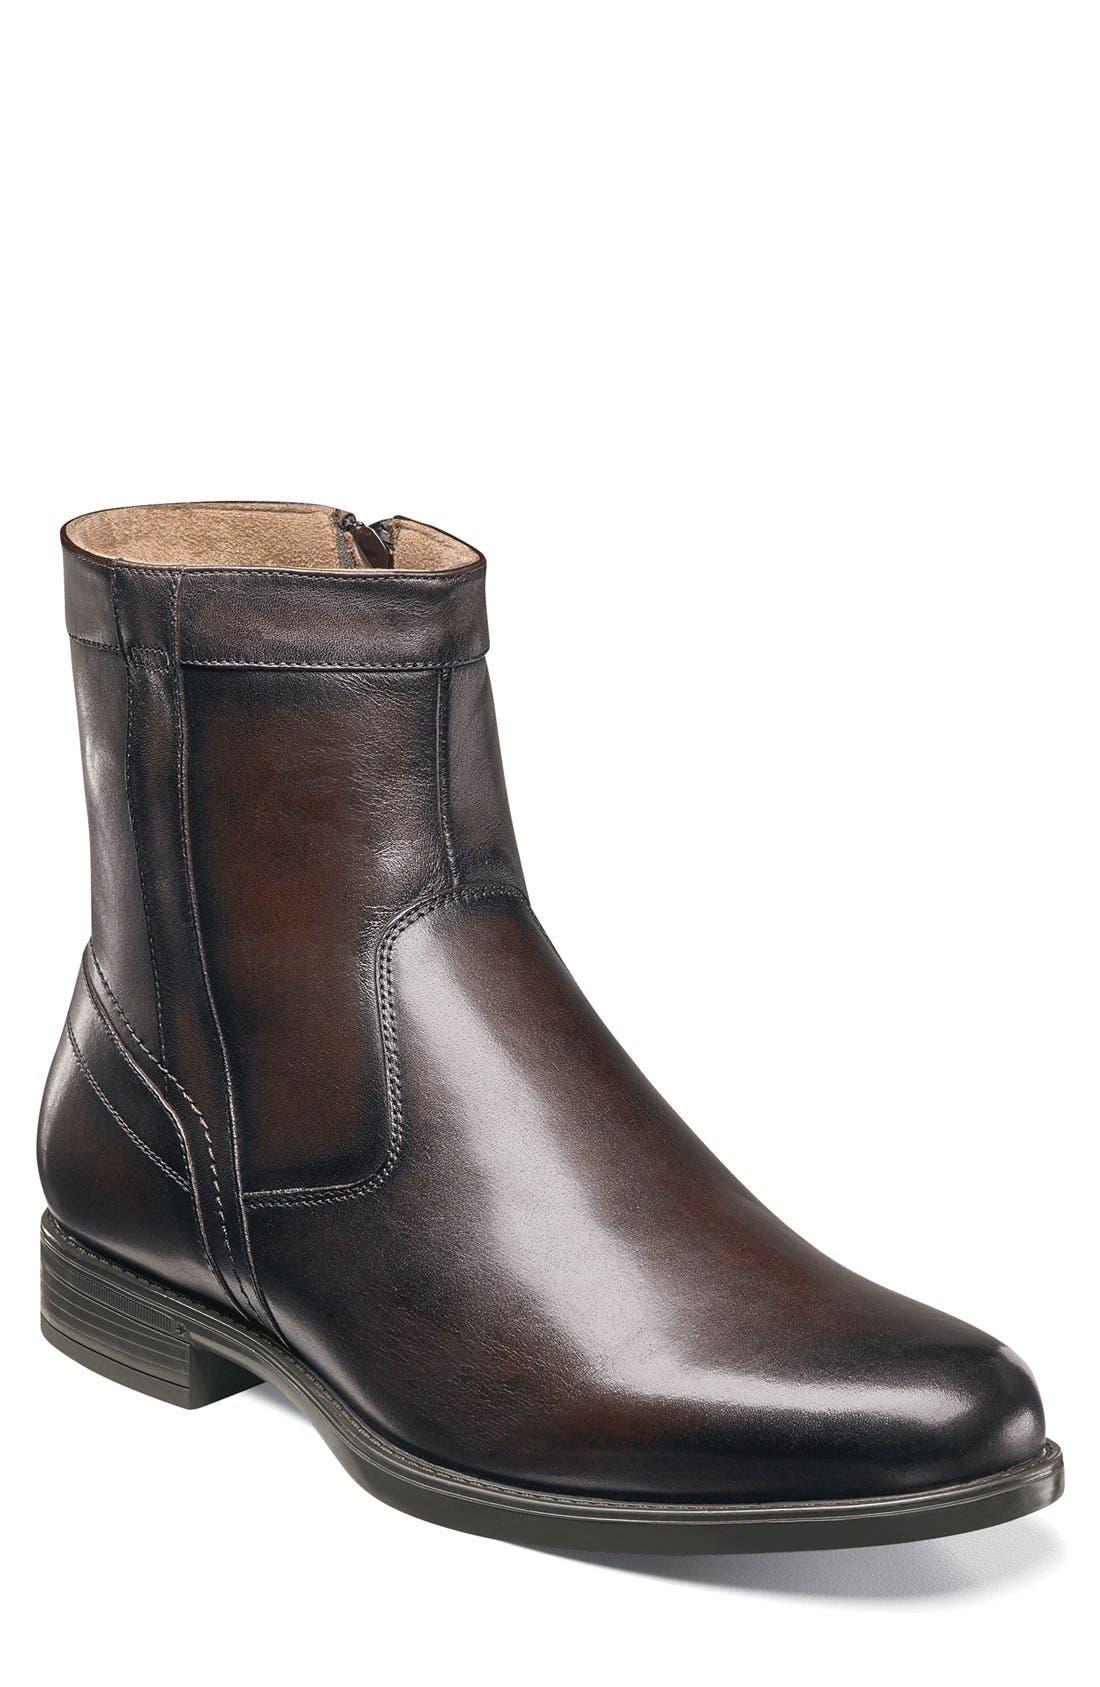 Alternate Image 1 Selected - Florsheim 'Midtown' Zip Boot (Men)